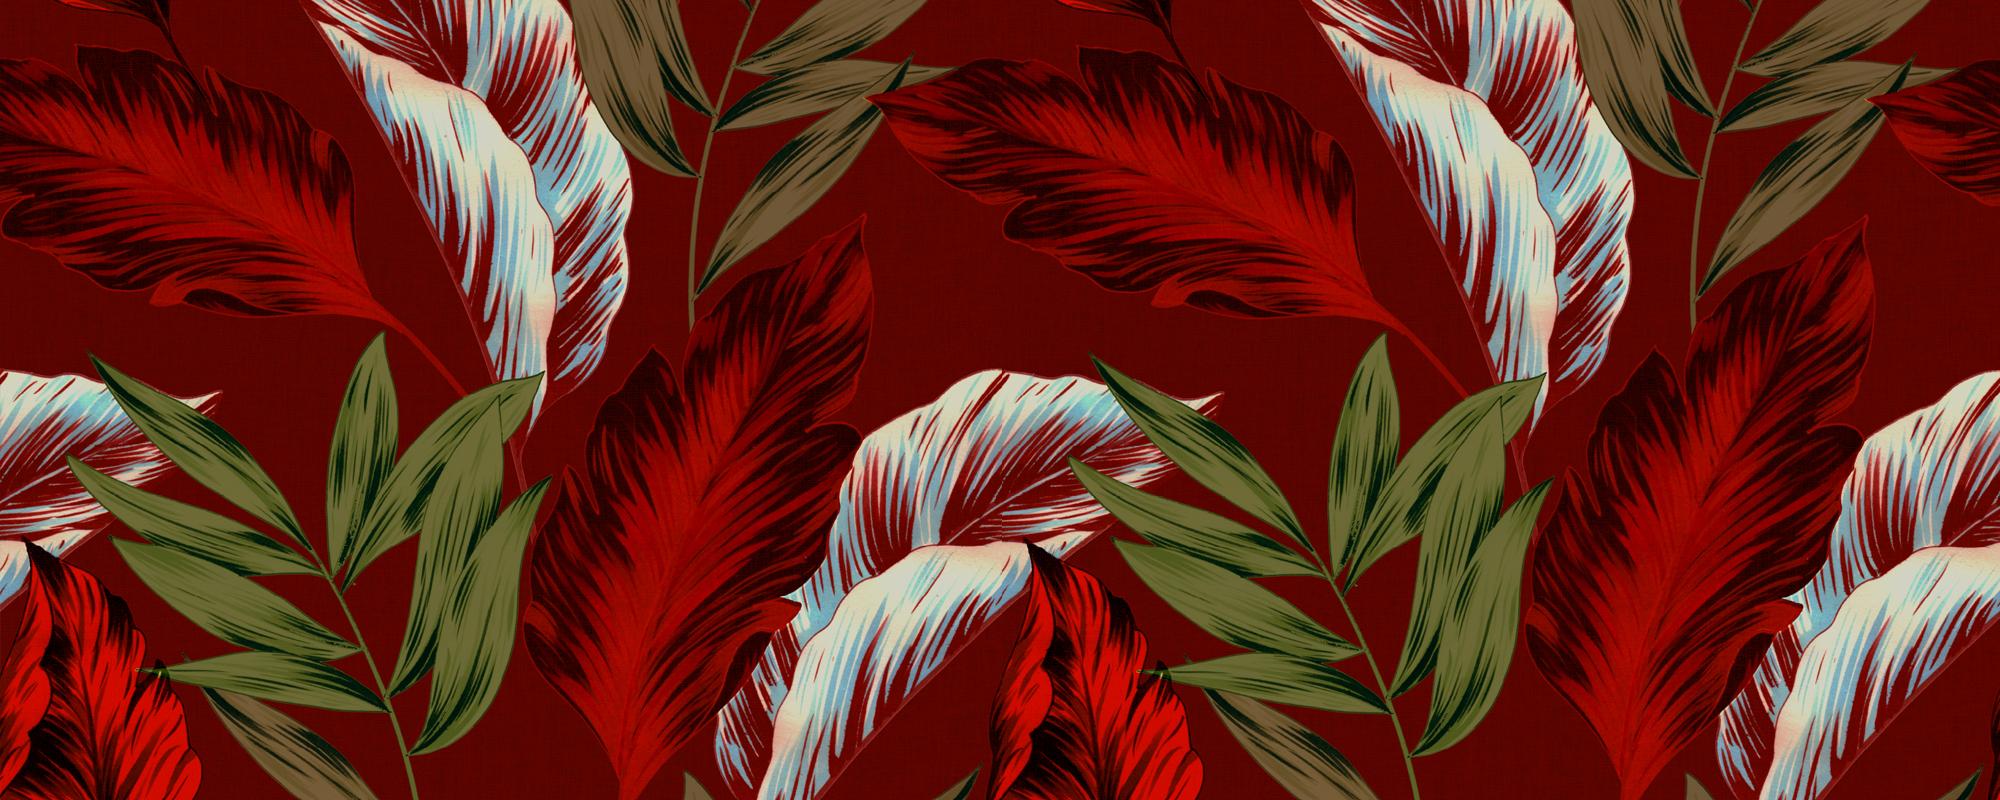 Papier peint feuilles exotiques rouge